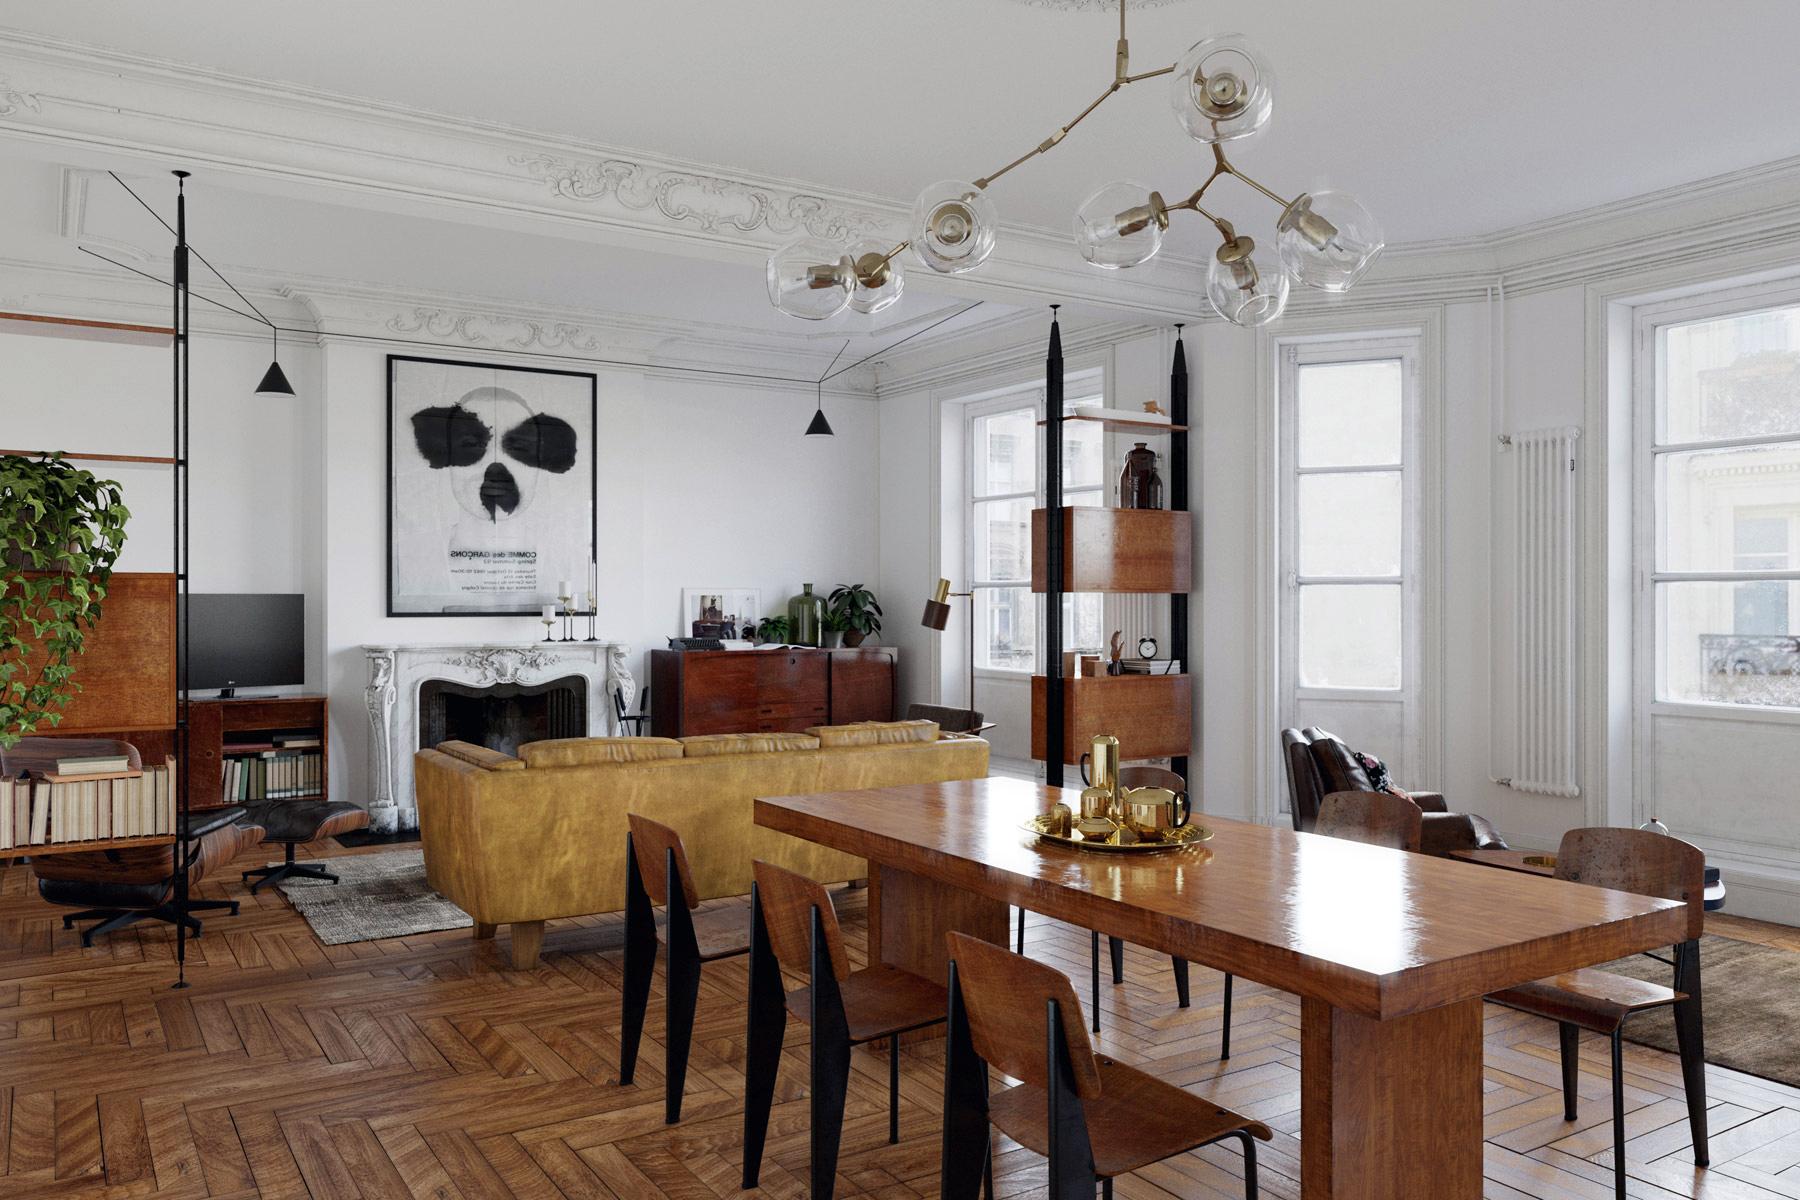 Un appartamento classico neo borghese for Arredamento interni casa